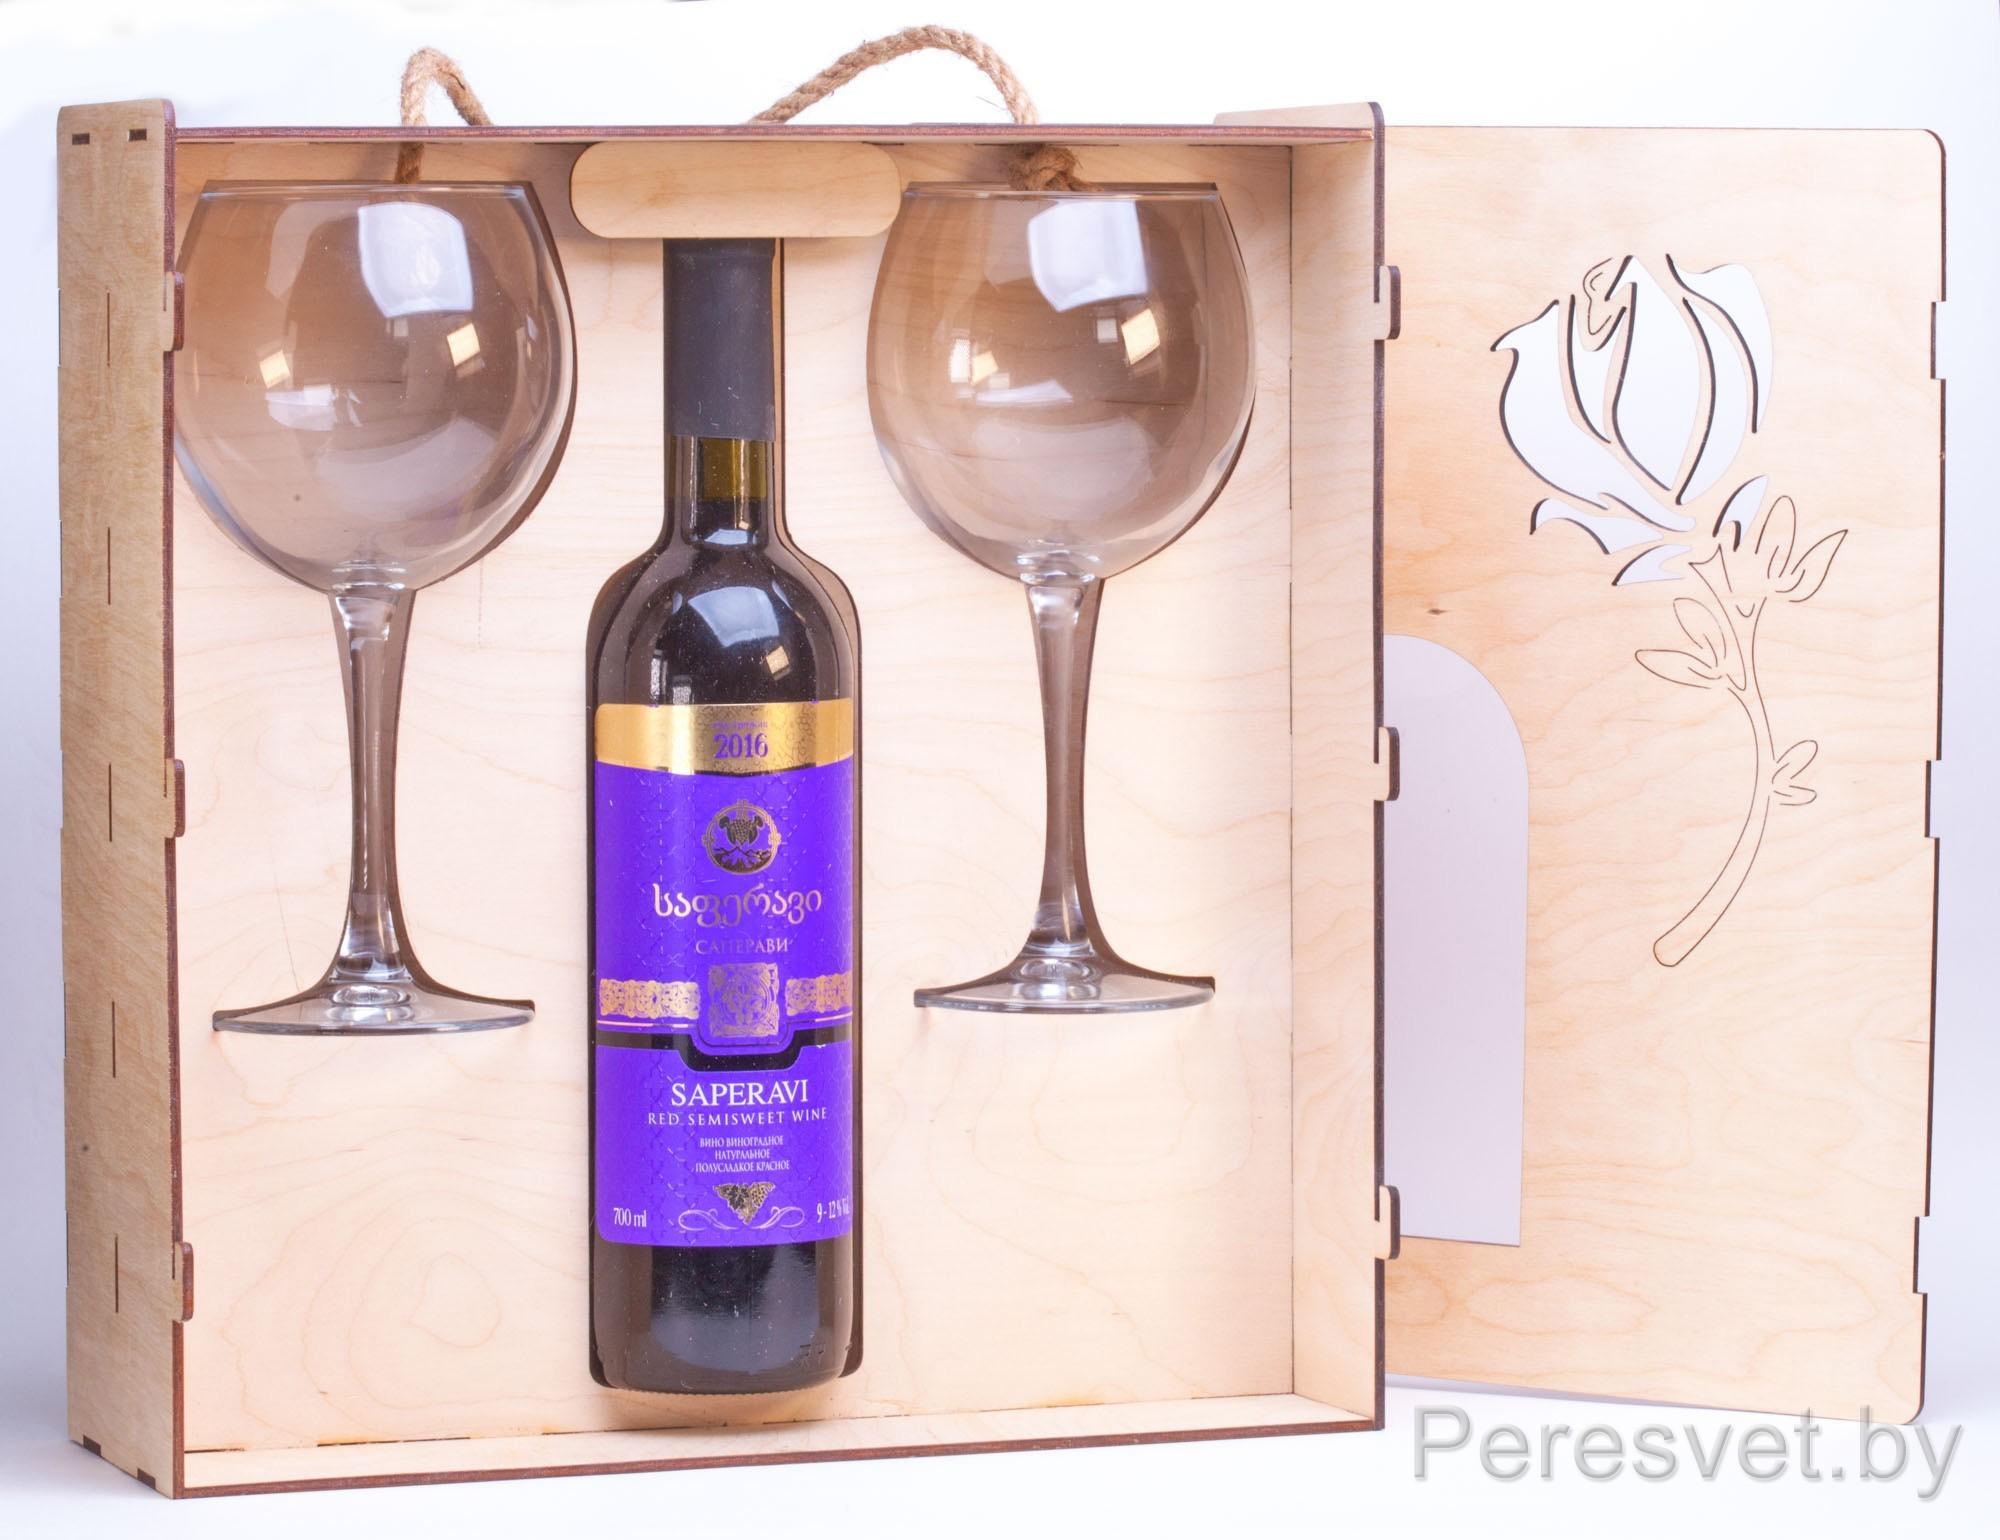 Упаковка подарочная для вина  Bottle pac на peresvet.by